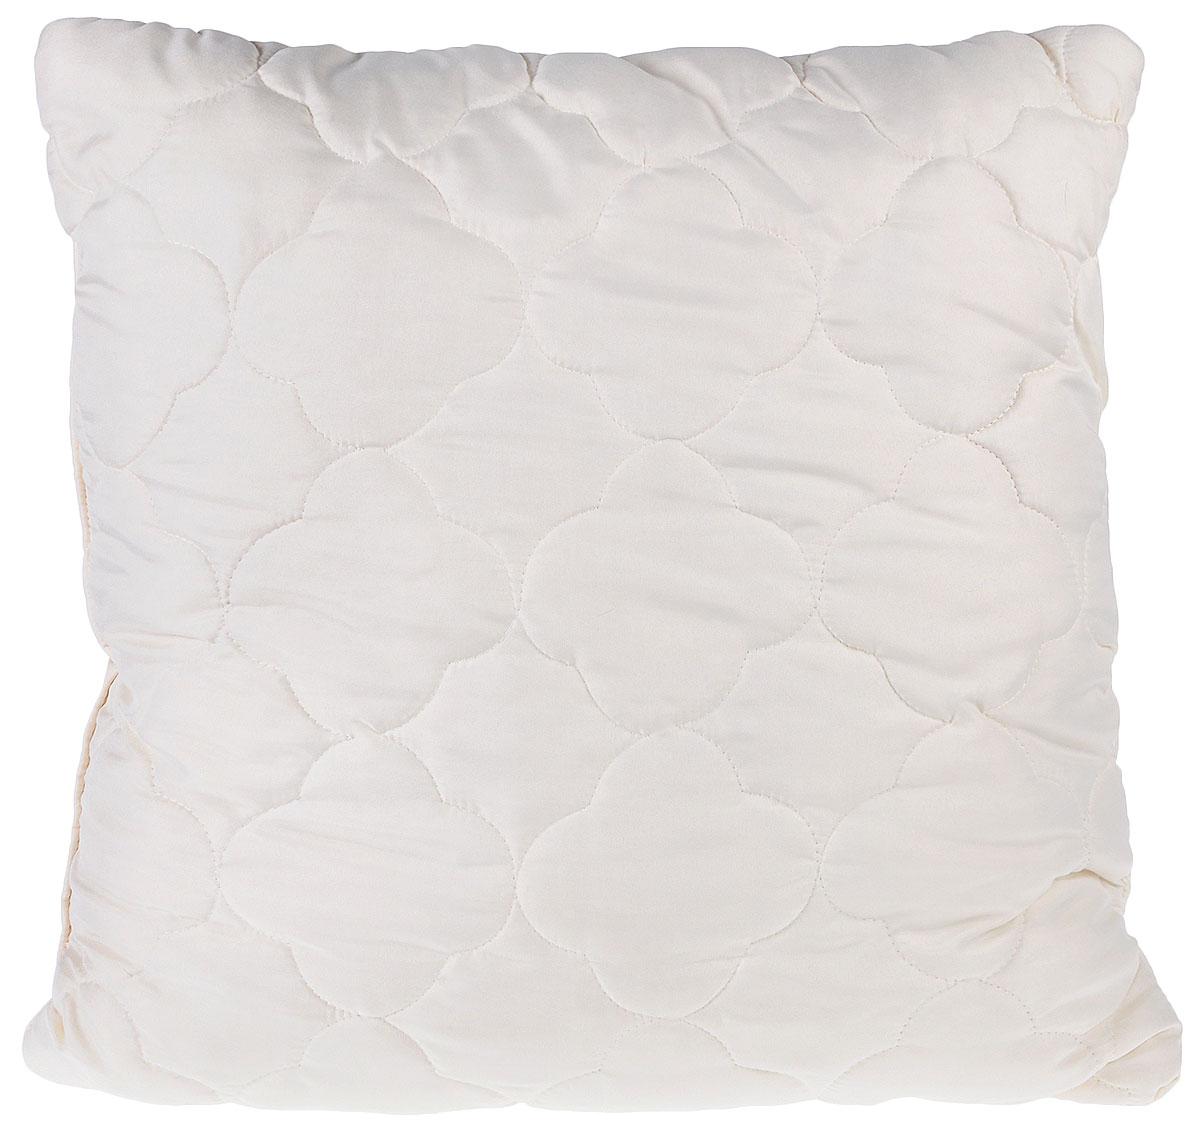 """Подушка Lara Home """"Wool"""" подарит комфорт и уют во время сна. Чехол, выполненный из микроволокна (100% полиэфира), оформлен фигурной стежкой и надежно  удерживает наполнитель внутри. Наполнитель выполнен из силиконизированного волокна и овечьей шерсти породы меринос. Особенности подушки:  Высокая воздухопроницаемость. Необычайная мягкость и легкость. Обеспечивает хорошую терморегуляцию."""